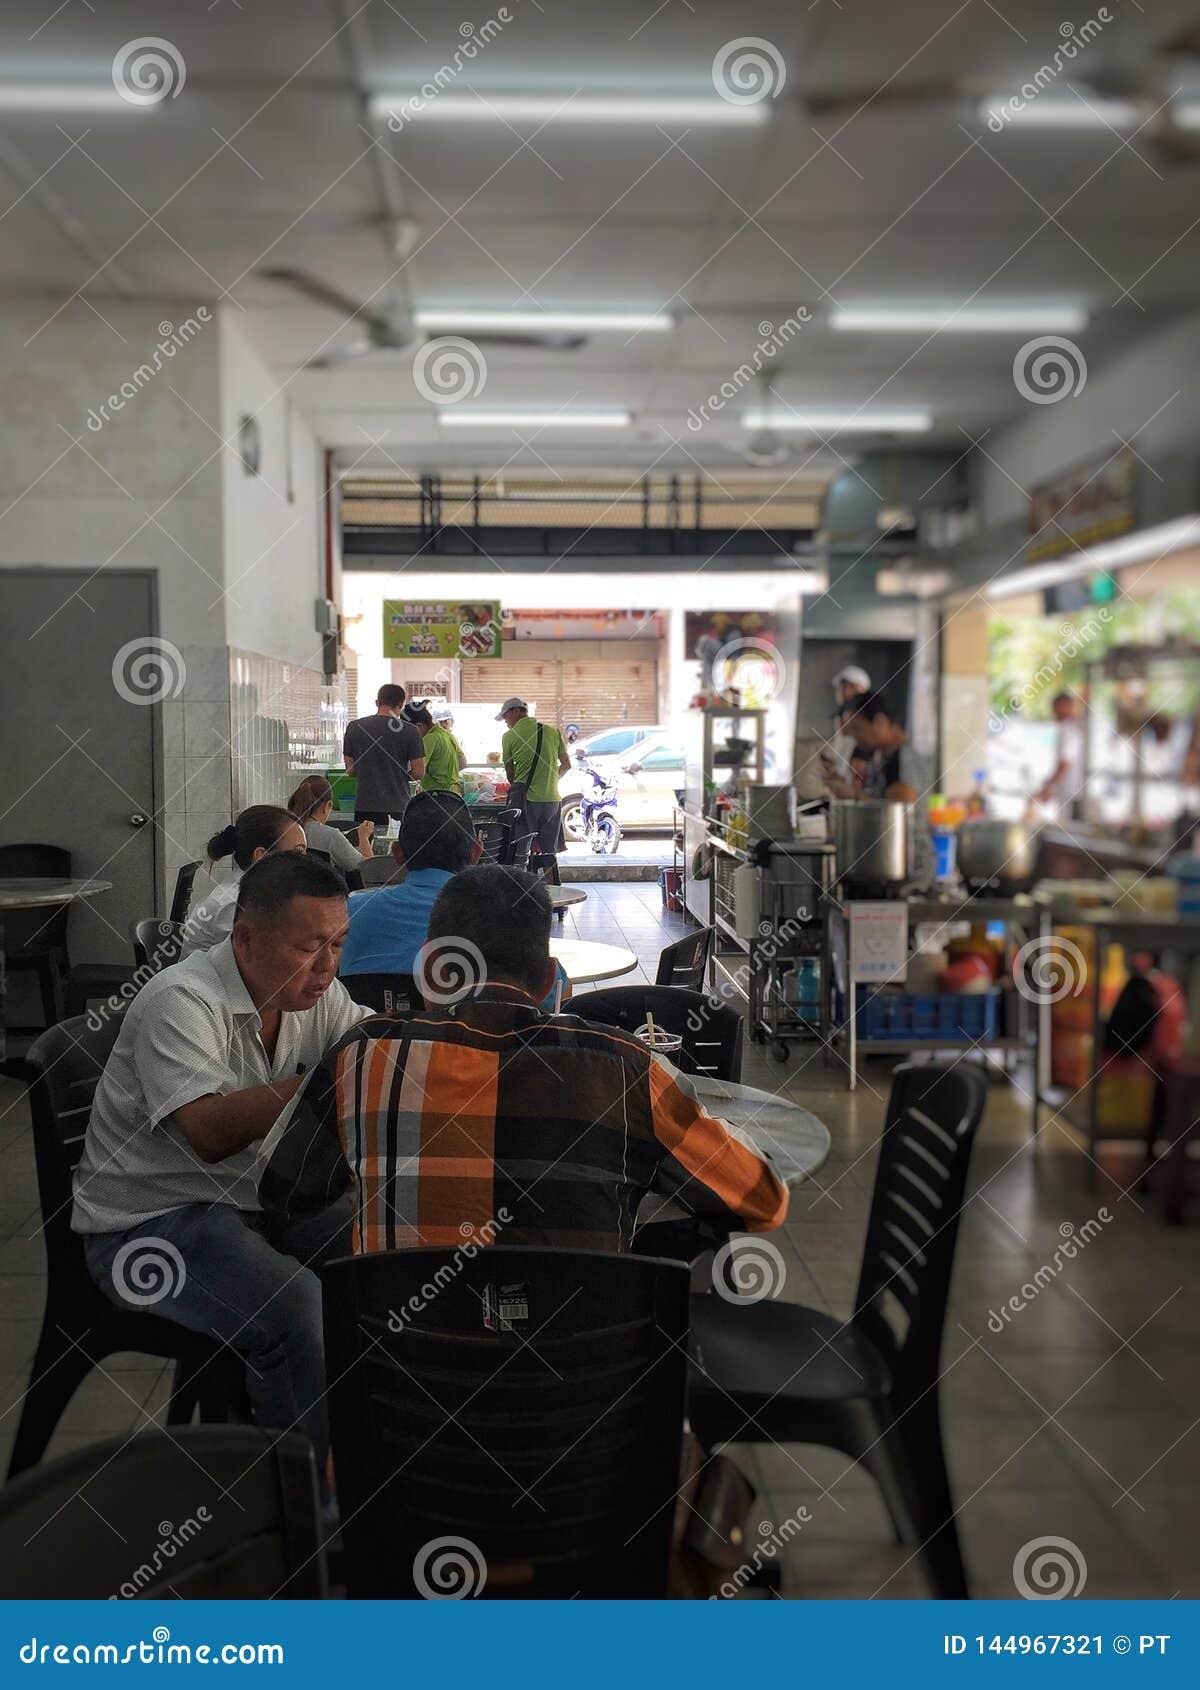 Vita quotidiana nella città di Ipoh, ristorante tipico agire in tal modo così